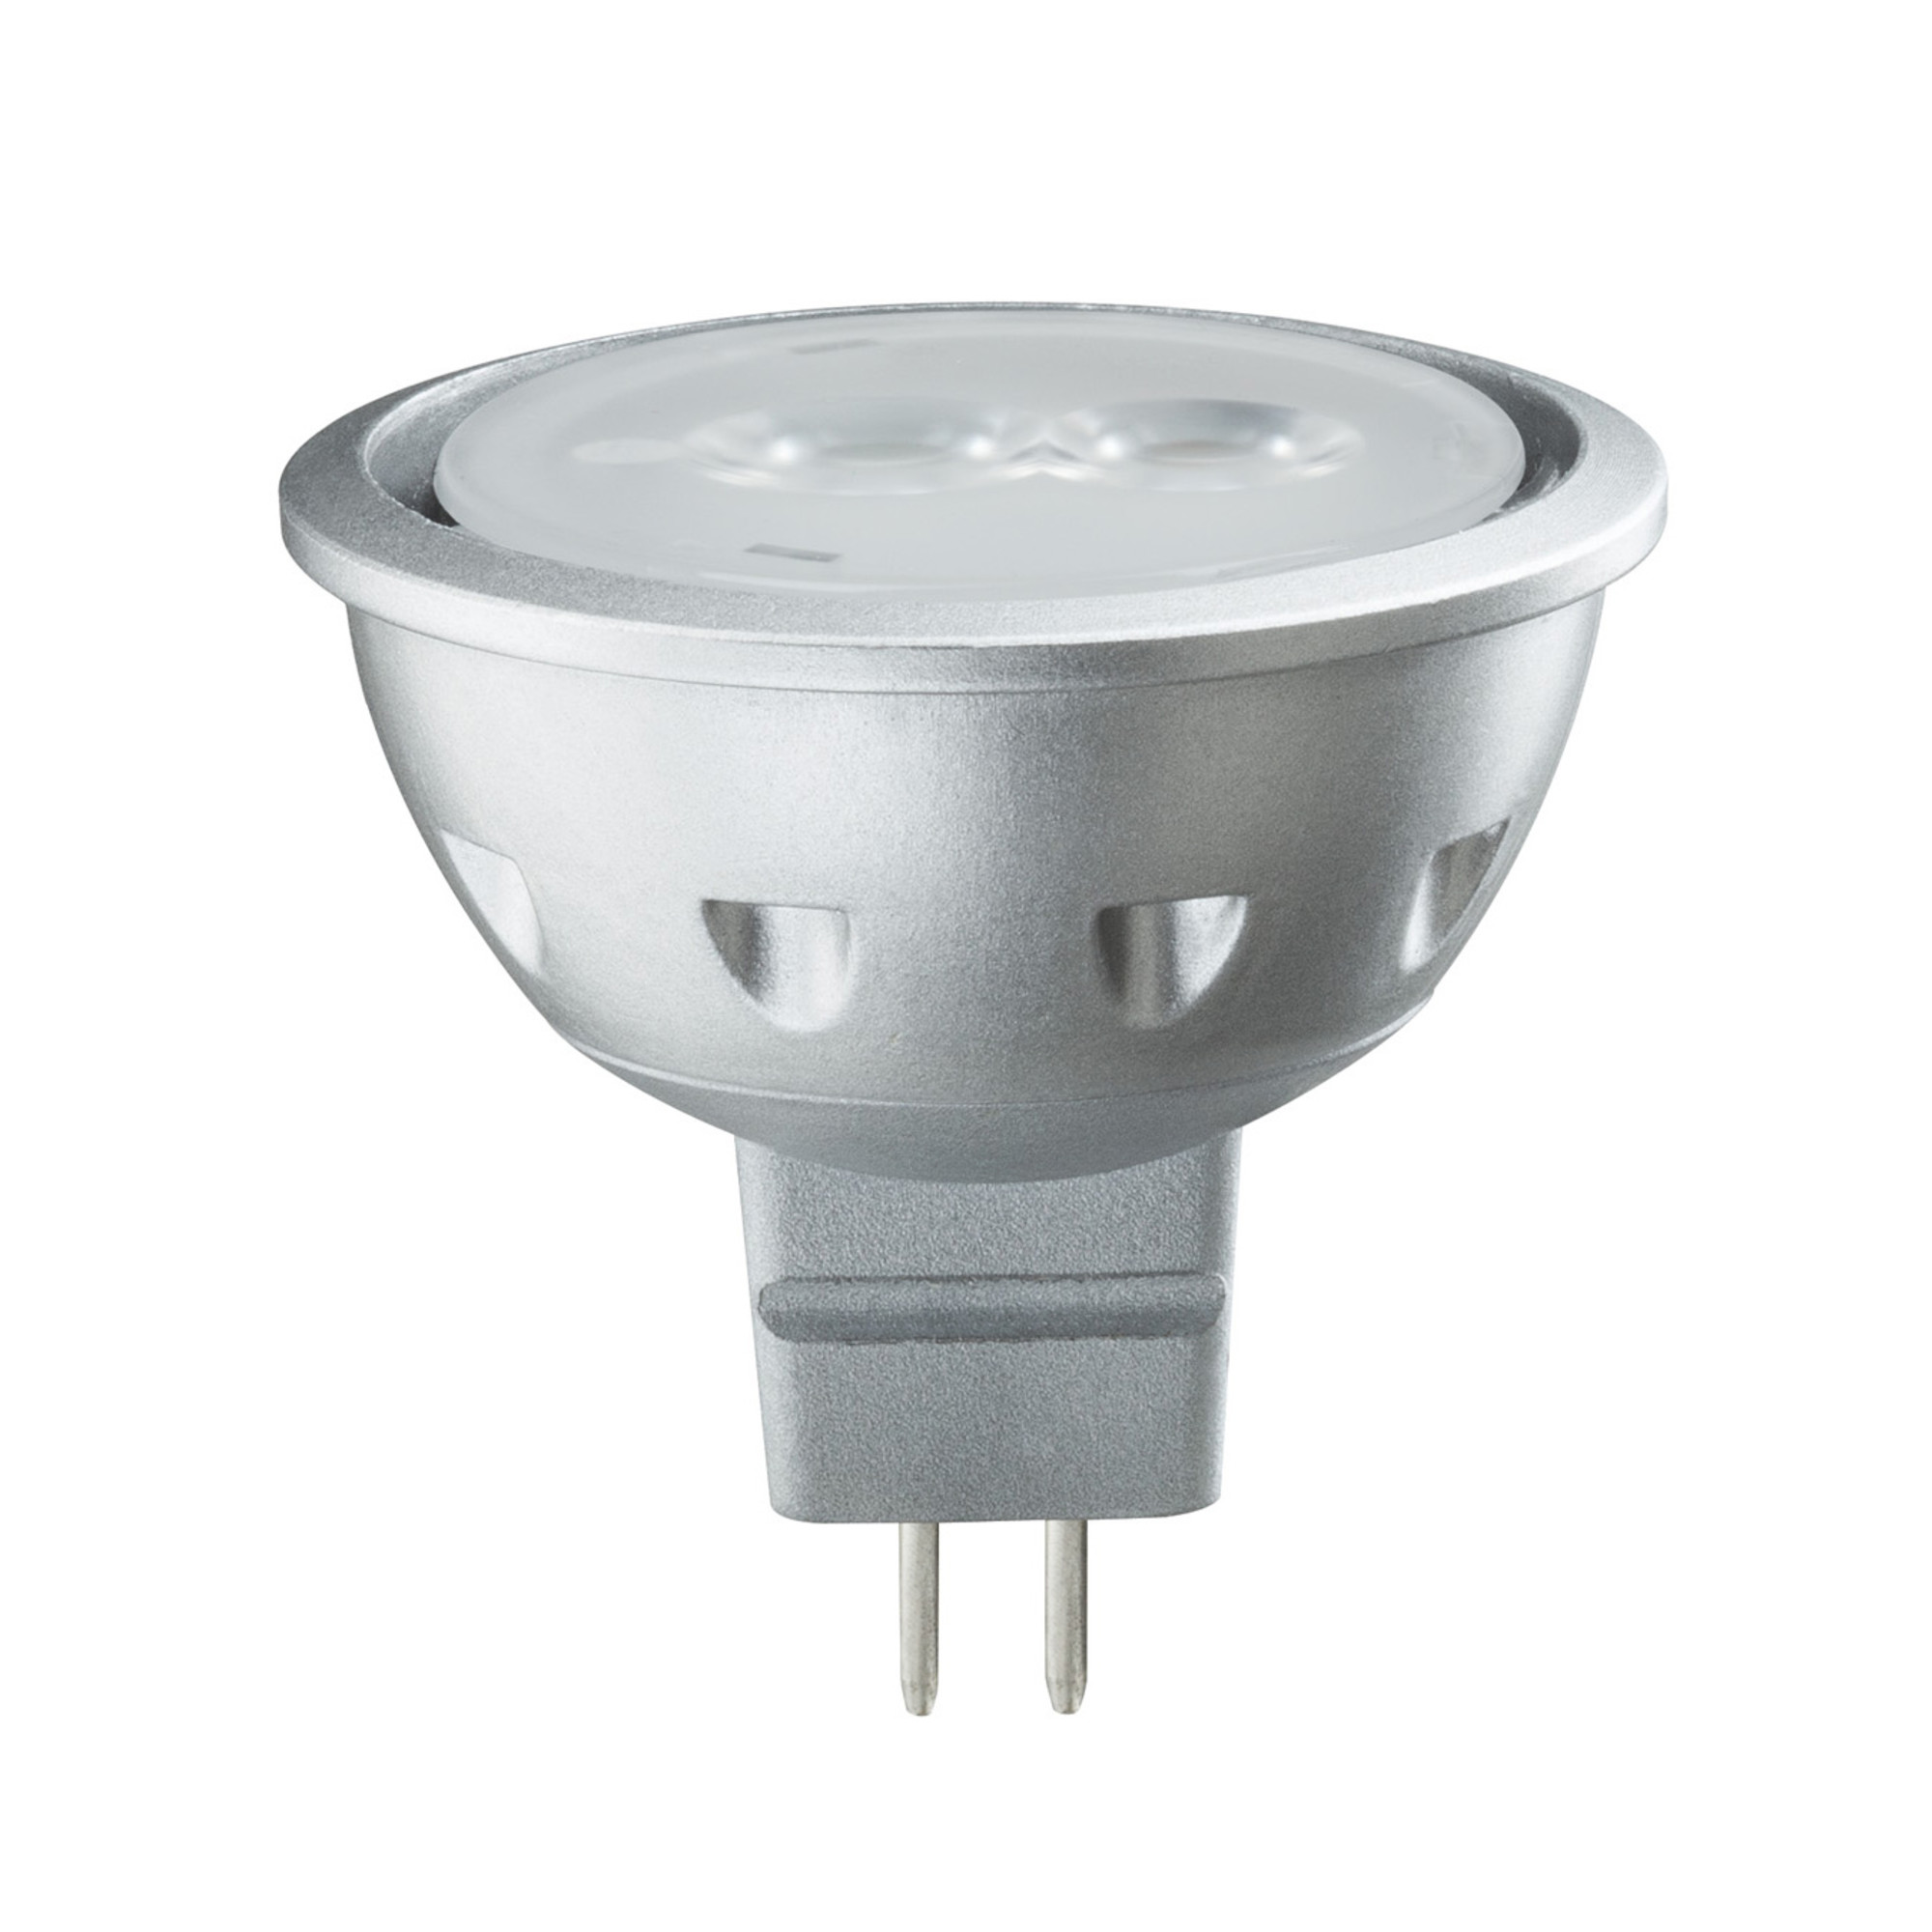 Лампа светодиодная Paulmann 28215 GU5.3 230 Лм синий свет